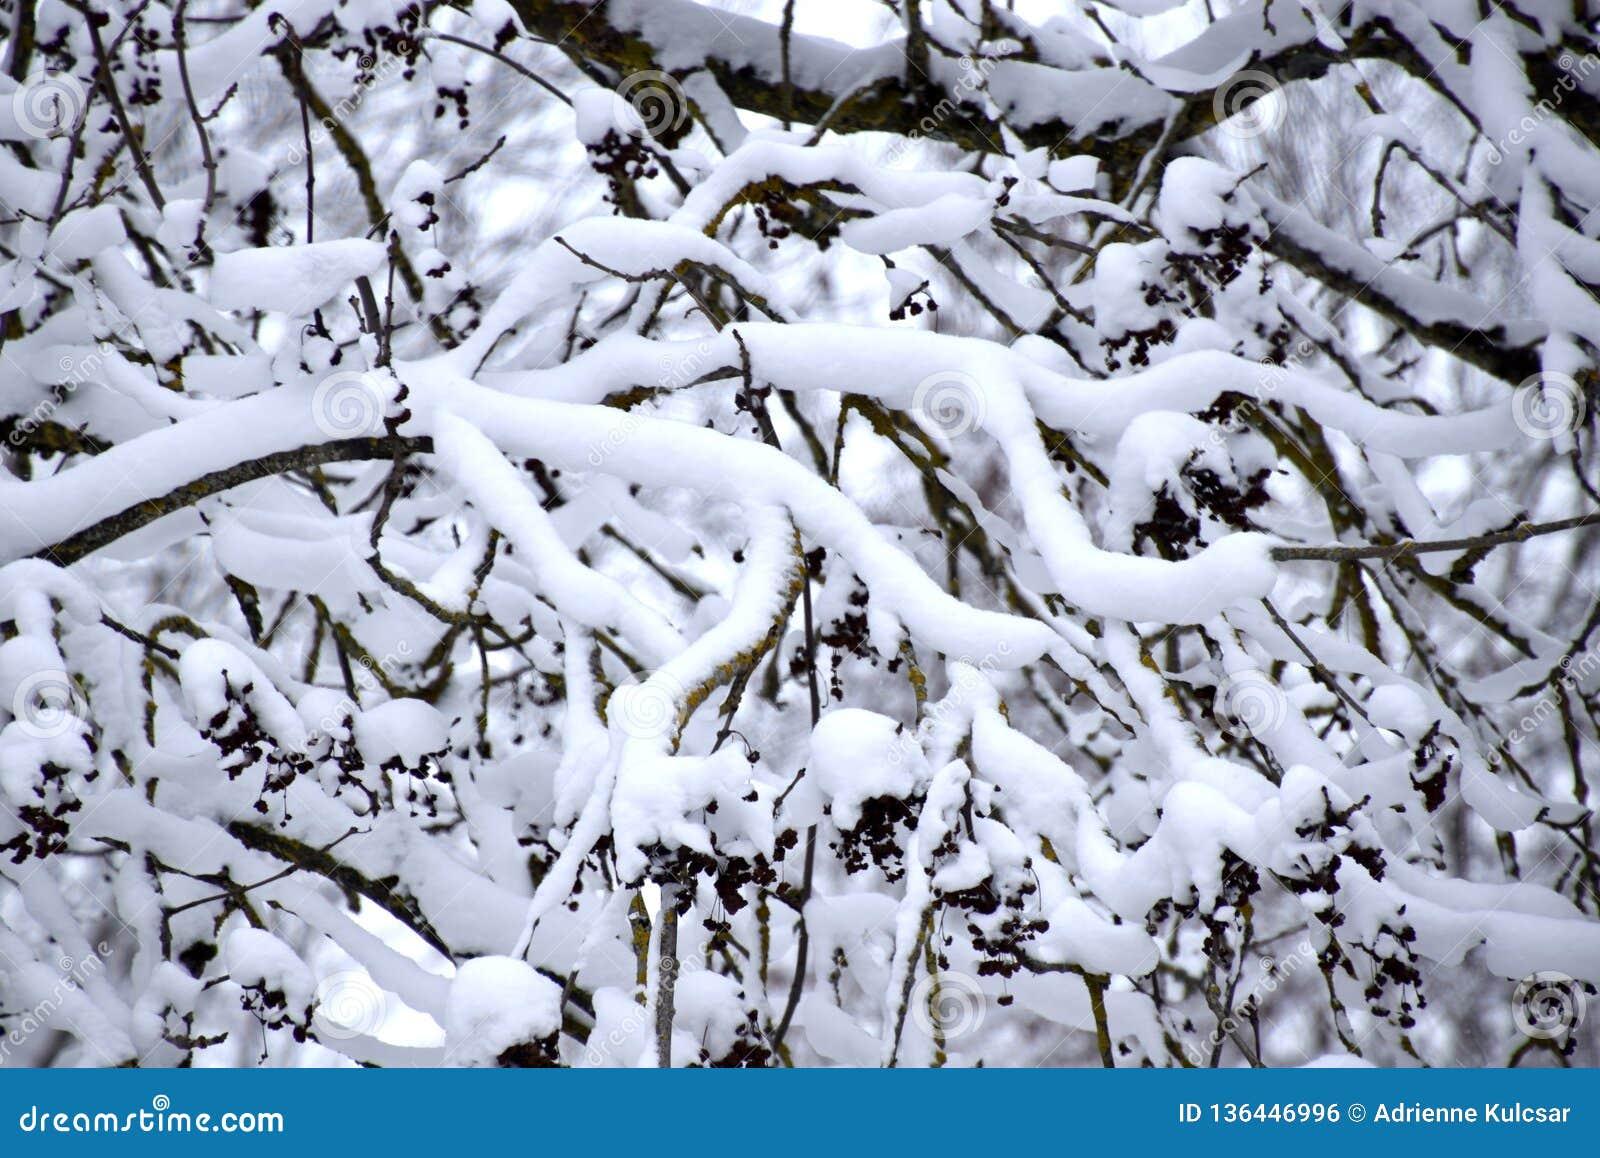 Brach cobriu com a neve, paisagem branca do inverno